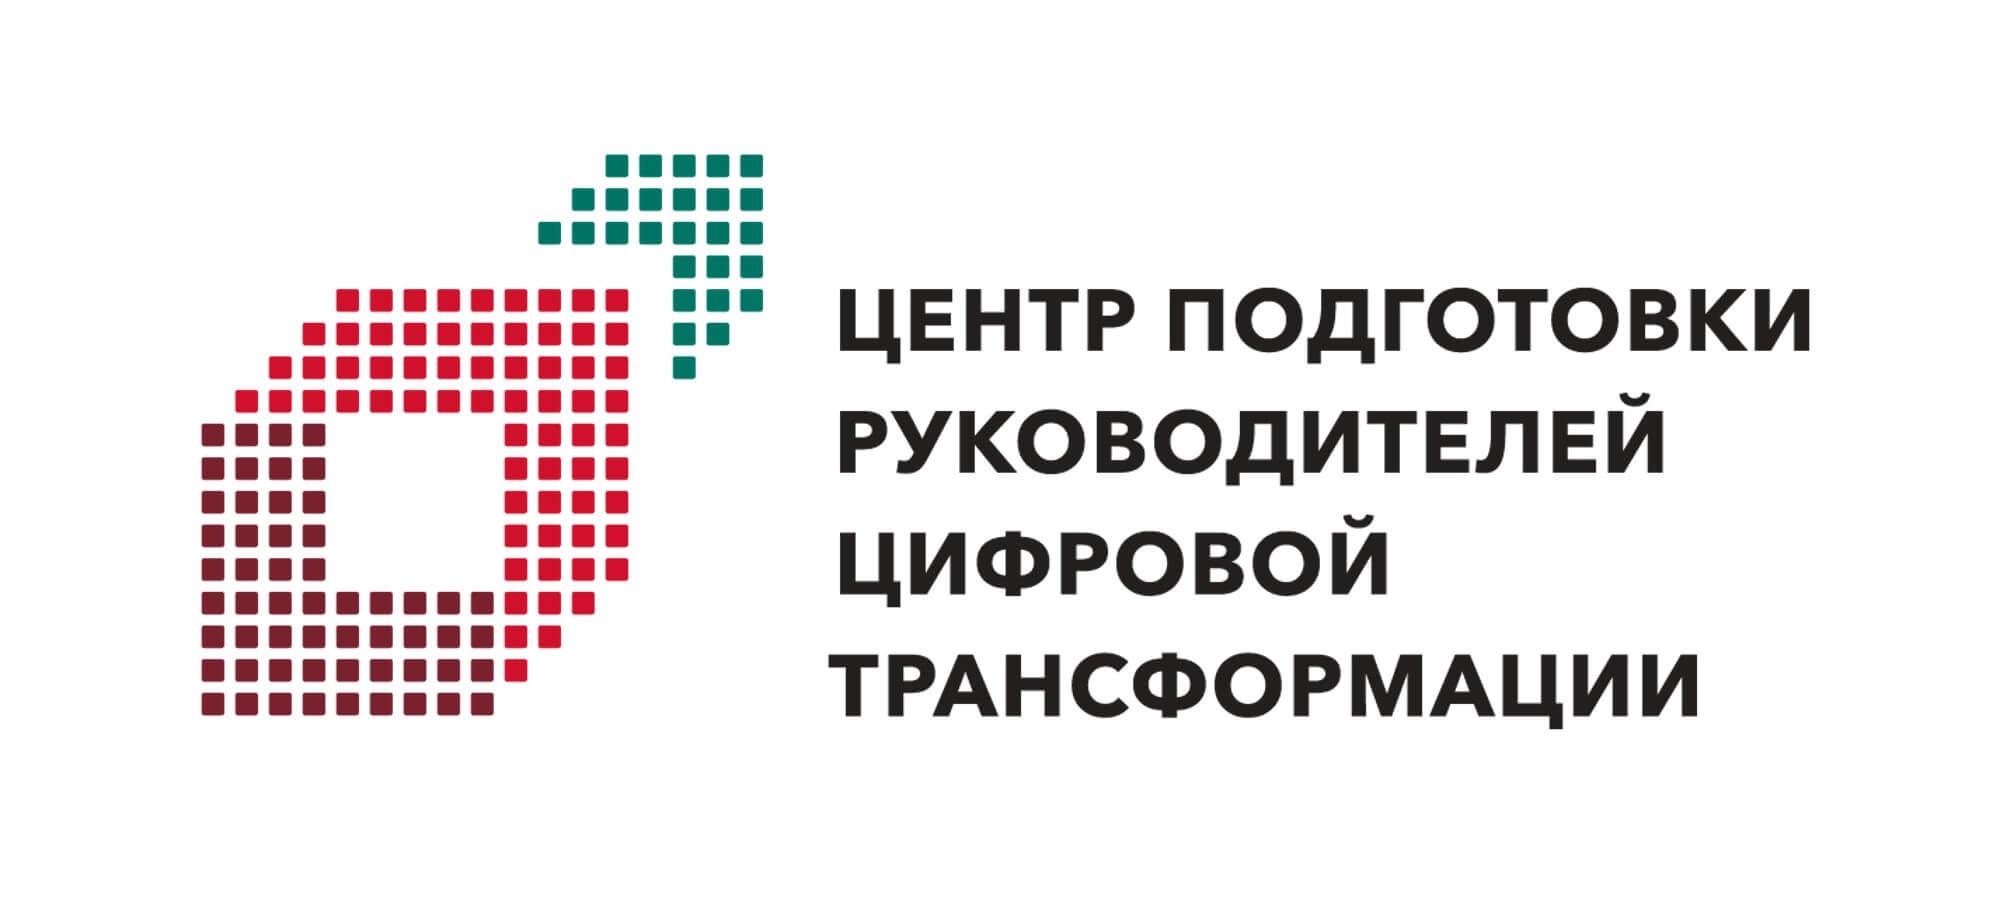 Центр подготовки руководителей цифровой трансформации